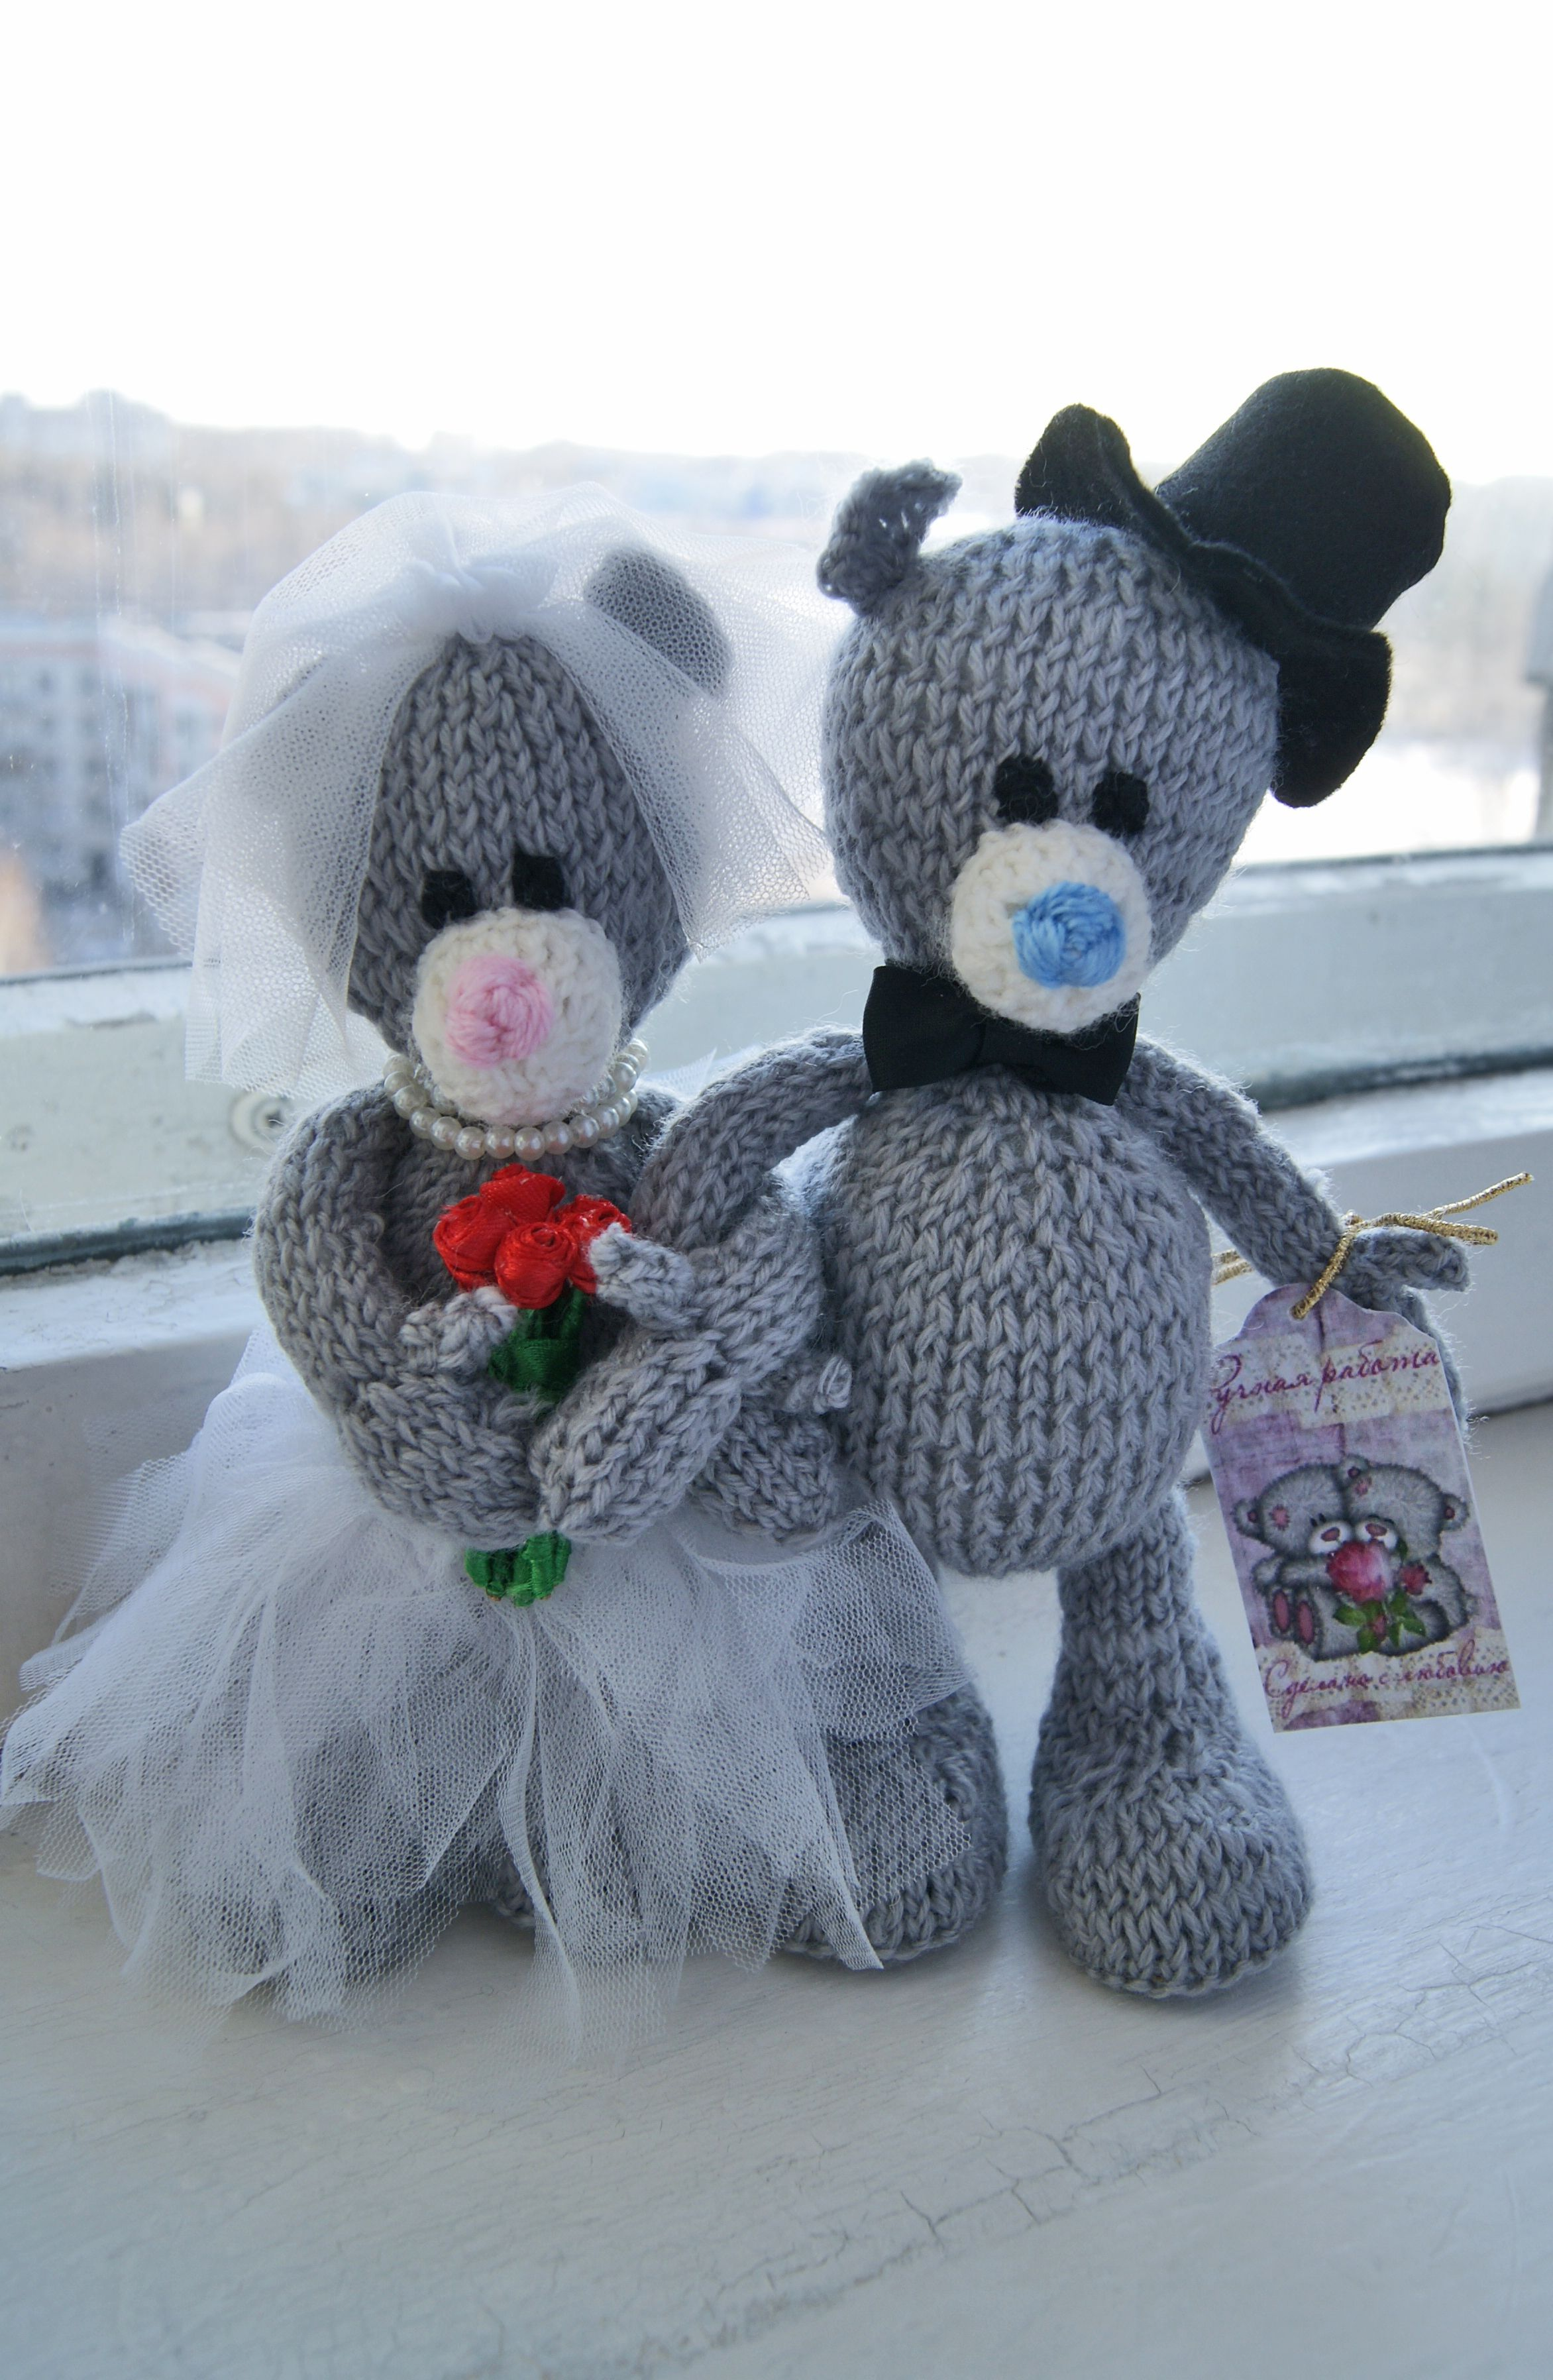 toy souvenir brideandgroom gift knit warm teddy weddinggift bride bear interiortoy family groom